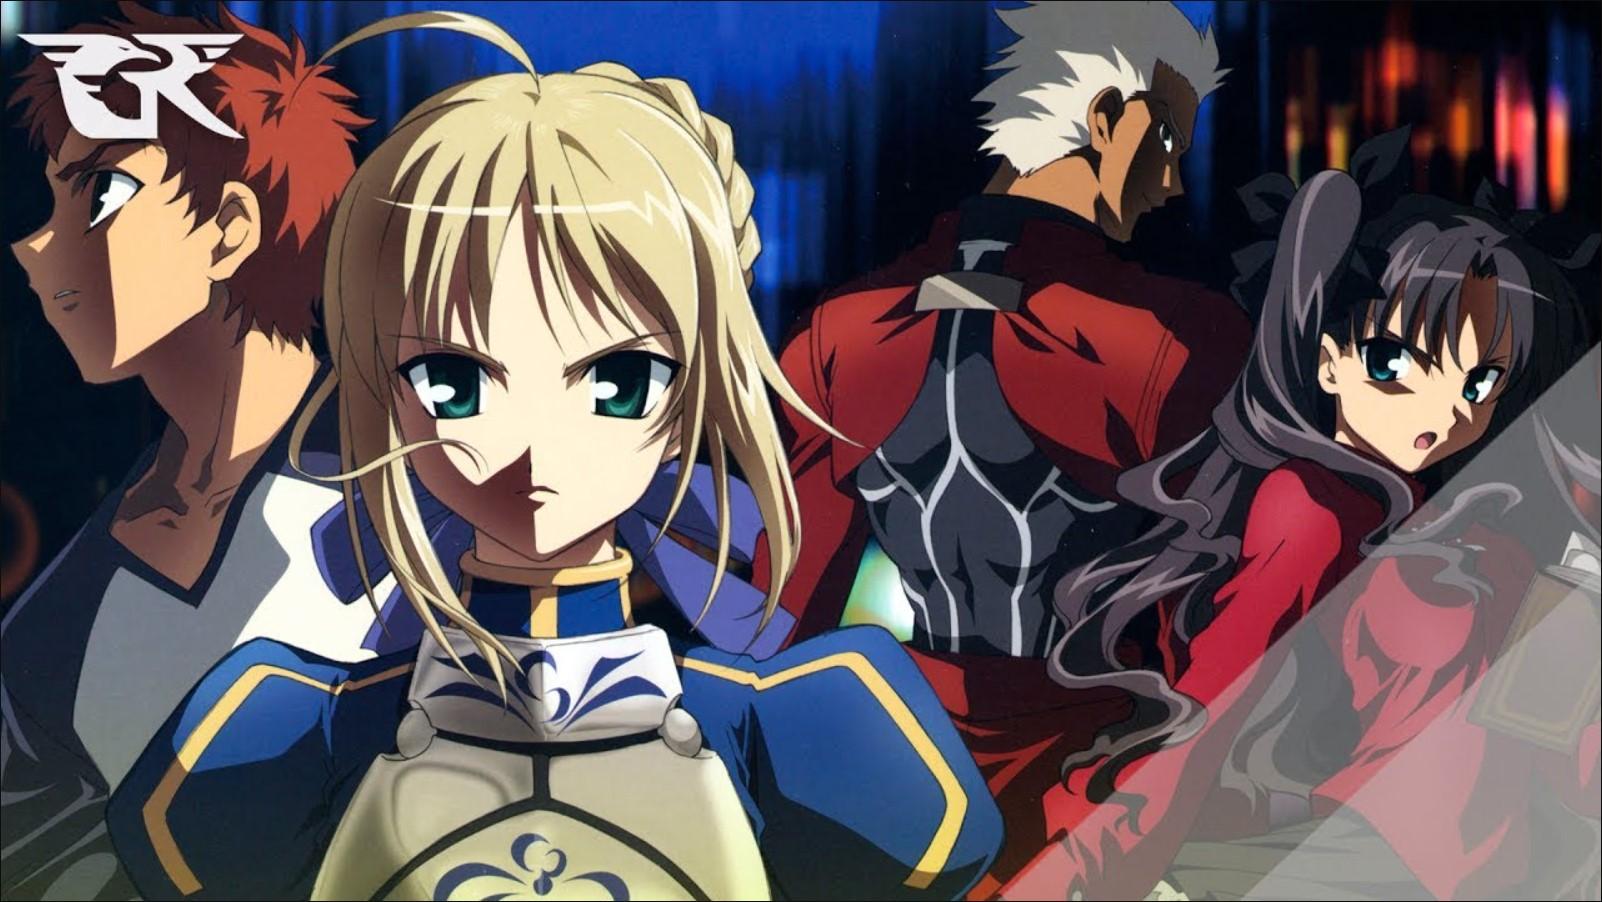 Anime Based on Light Novels!